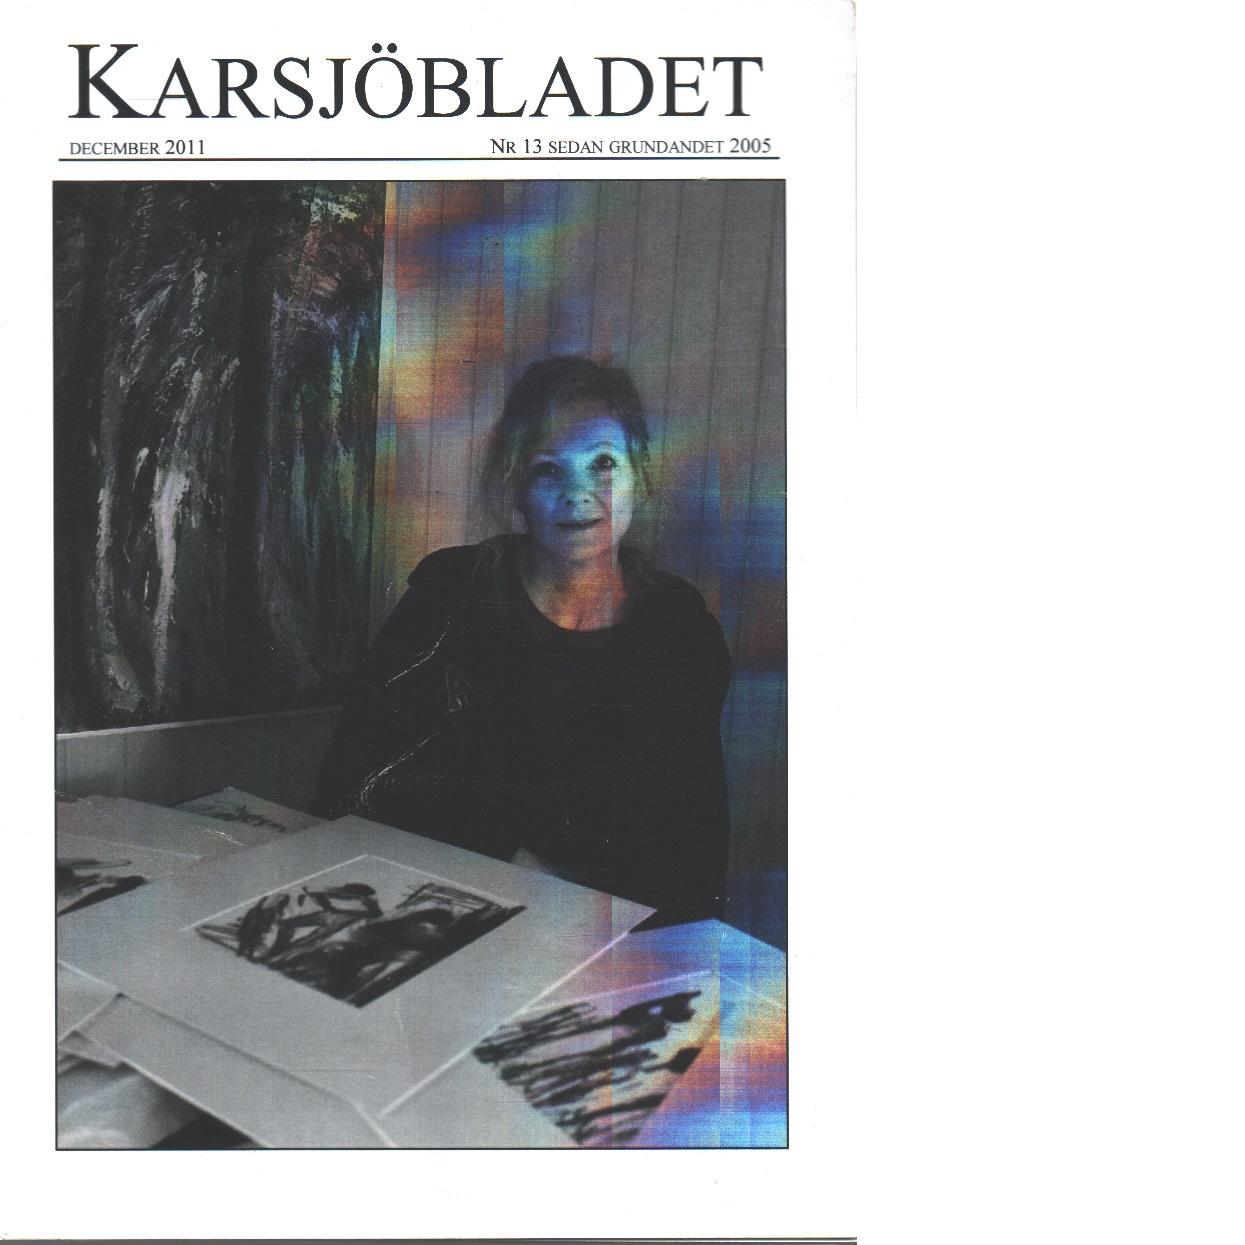 Karsjöbladet 13 - Red.